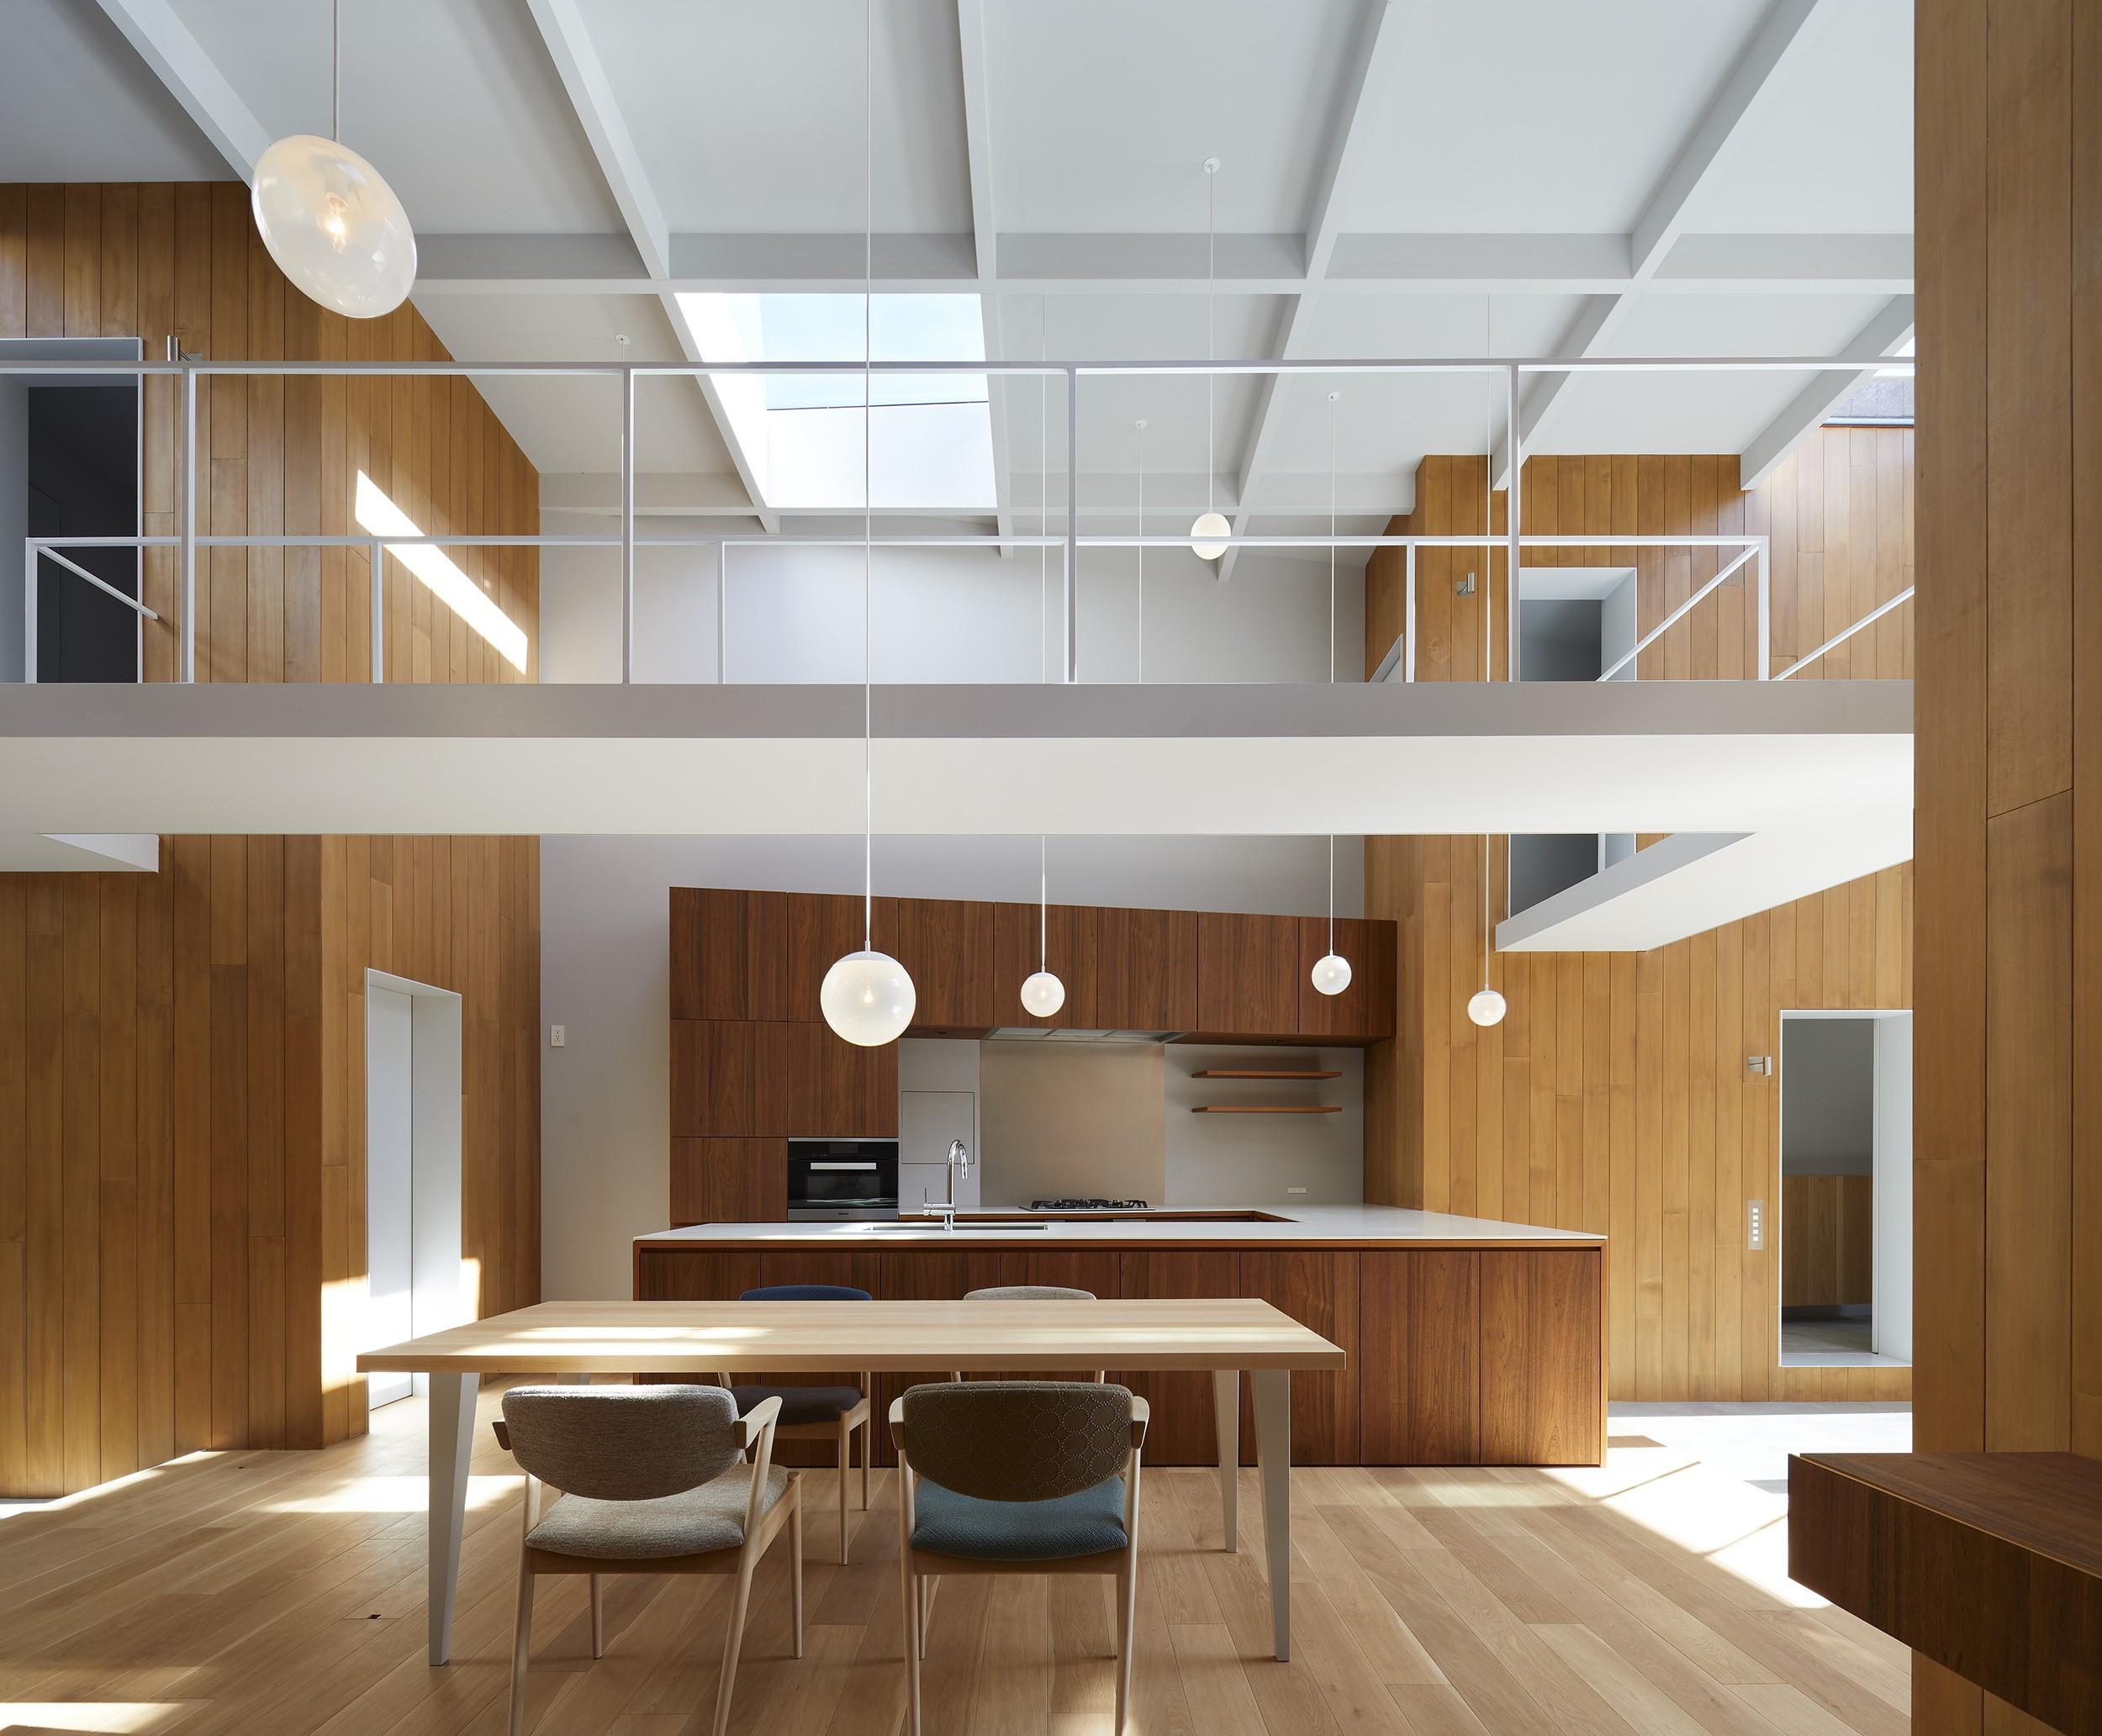 リビングダイニング事例:ダイニングキッチン(高尾の家  / 2つのテラスと大きなガラスドアで緩やかに自然を取り込む家)